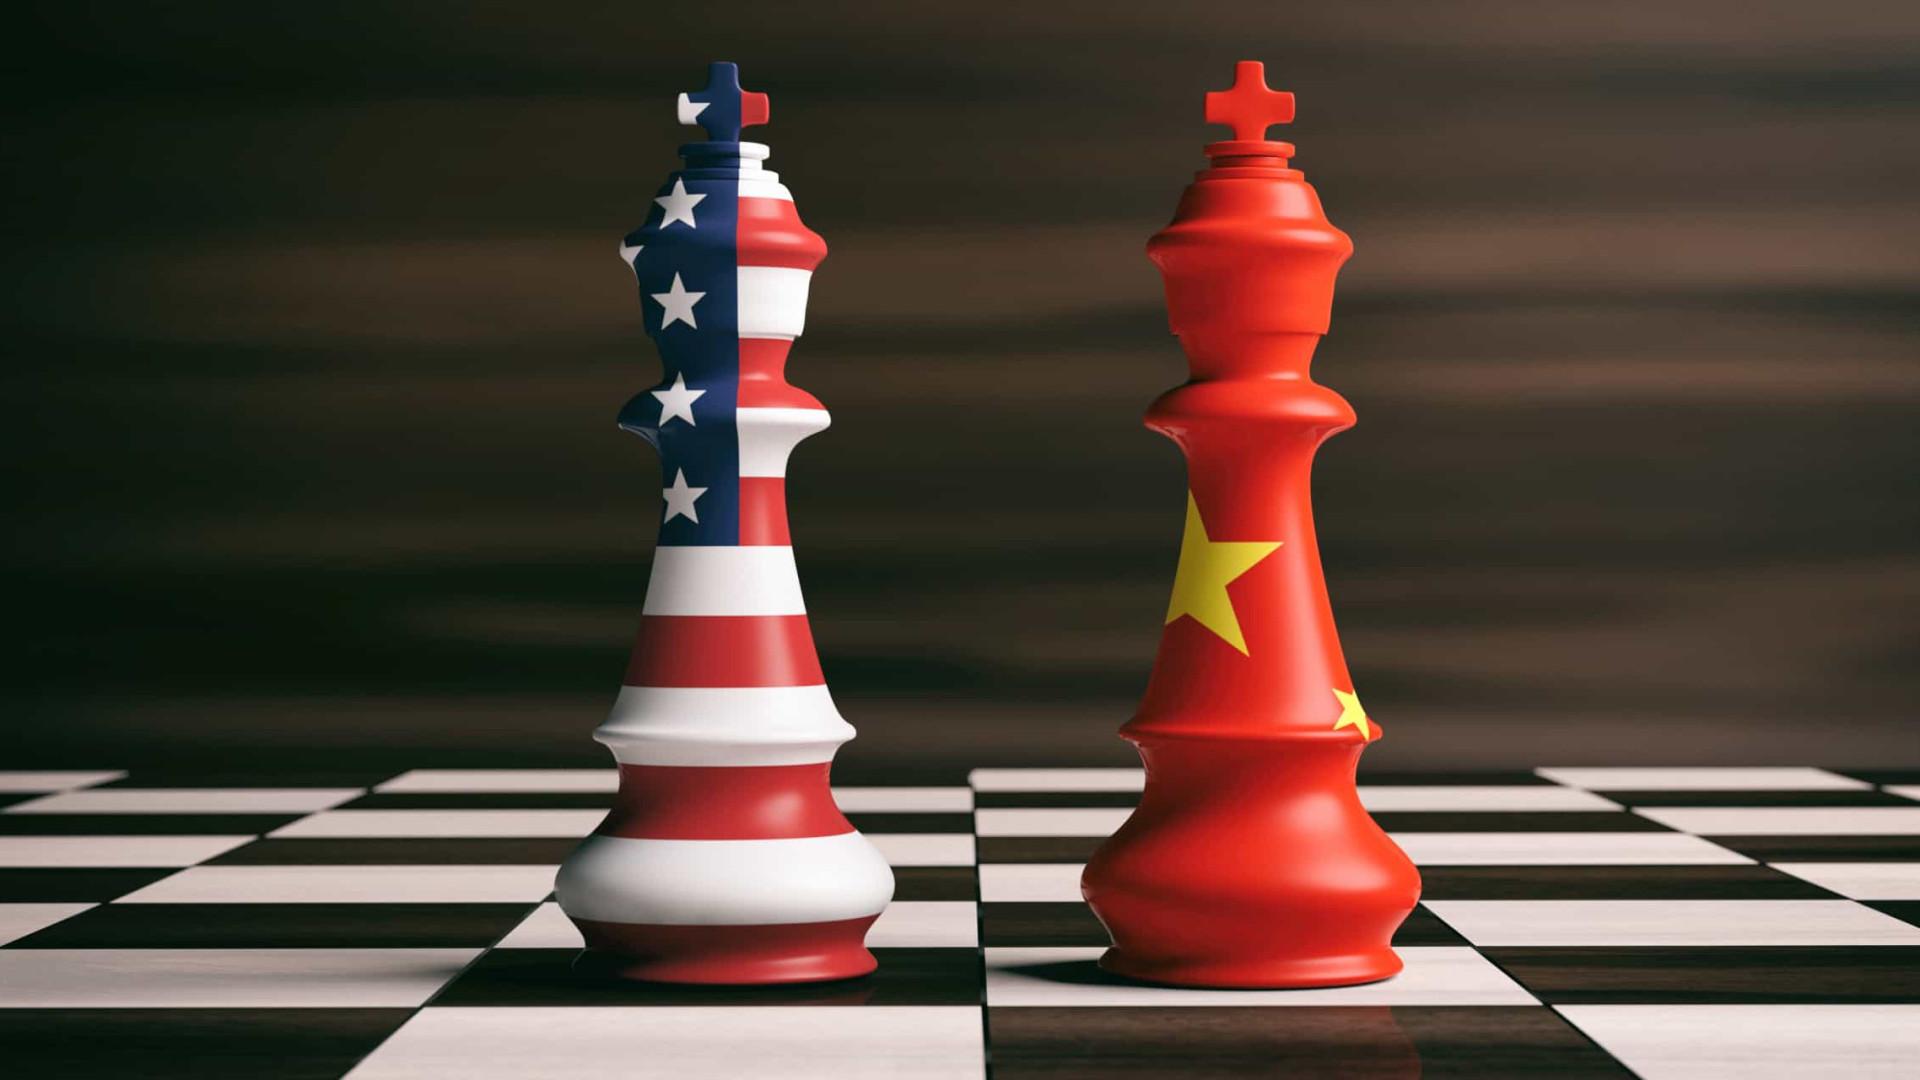 Washington e Pequim aumentam tom do confronto no mar do Sul da China